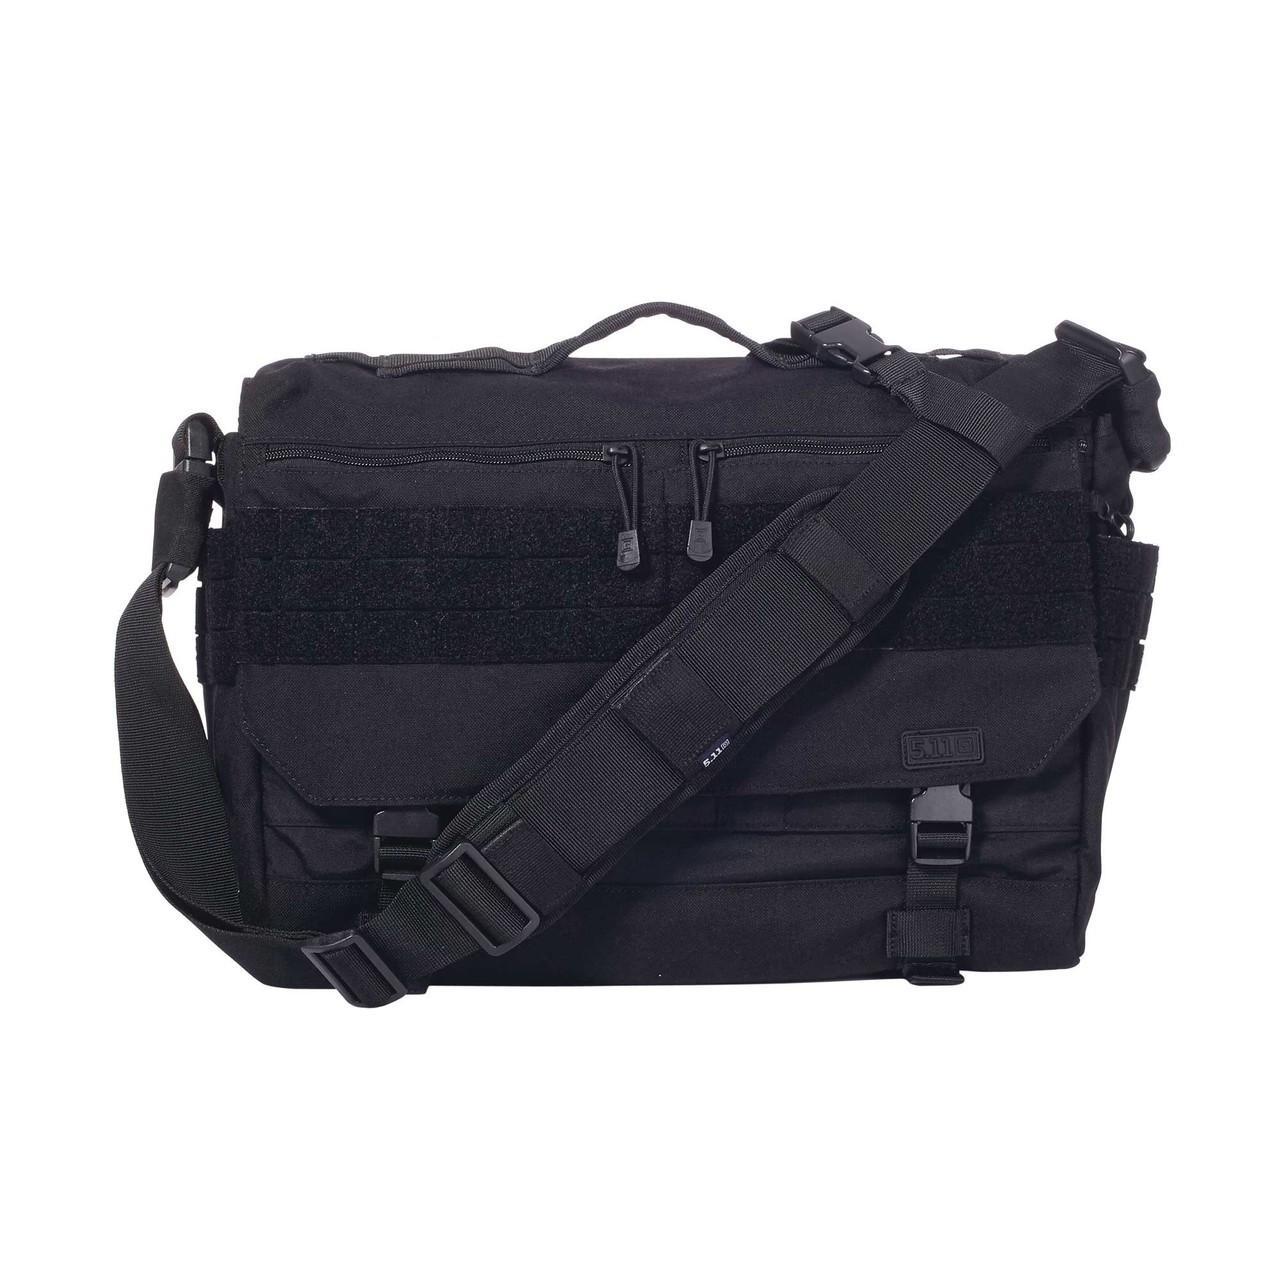 TACTICAL BAG   MILITARY BAG   MESSENGER BAG   BODY BAG   SHOULDER BAG    SLING 28c2d7a9459bc